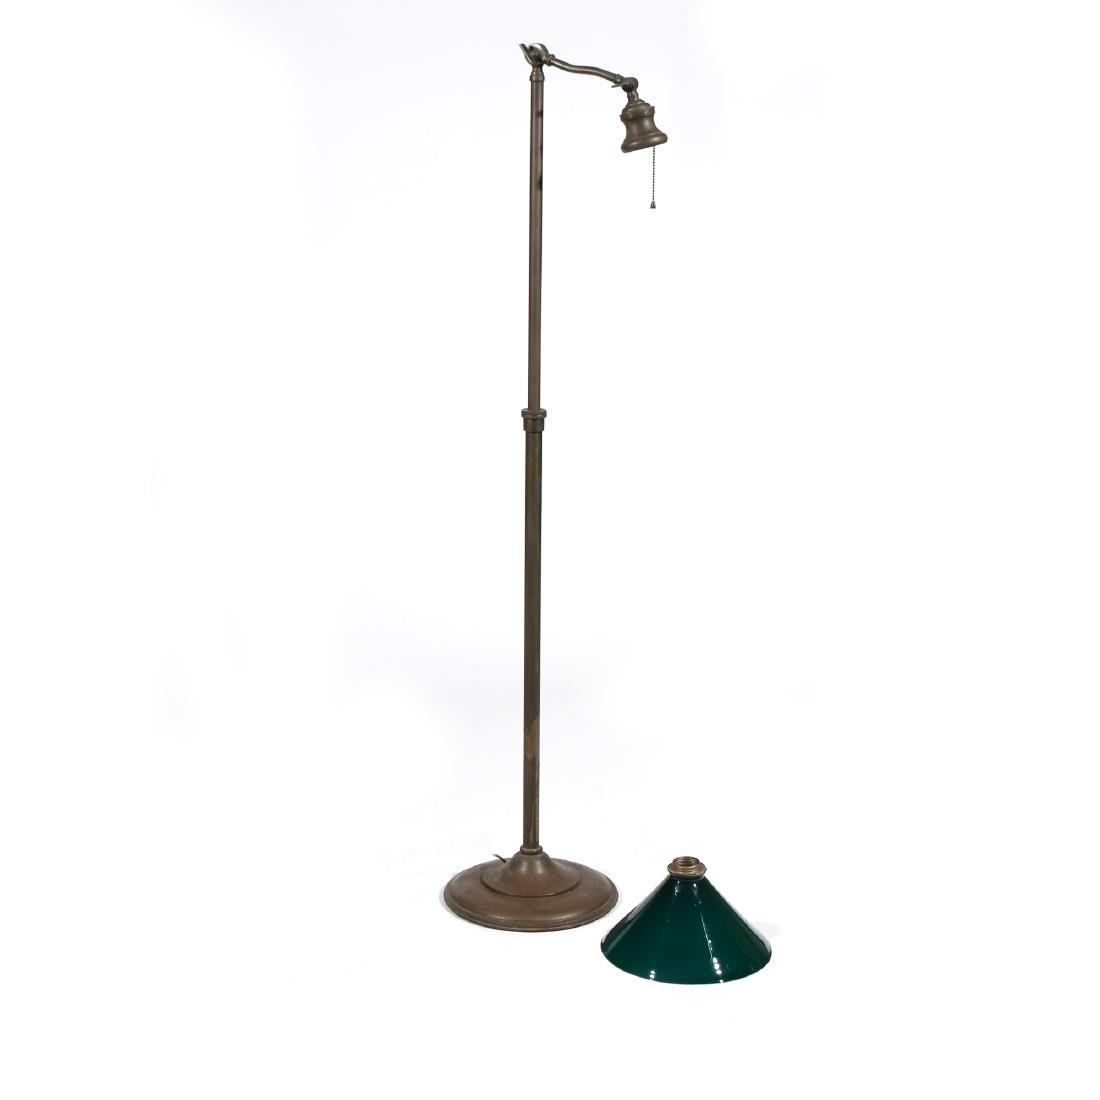 BRASS FLOOR LAMP & GREEN GLASS SHADE